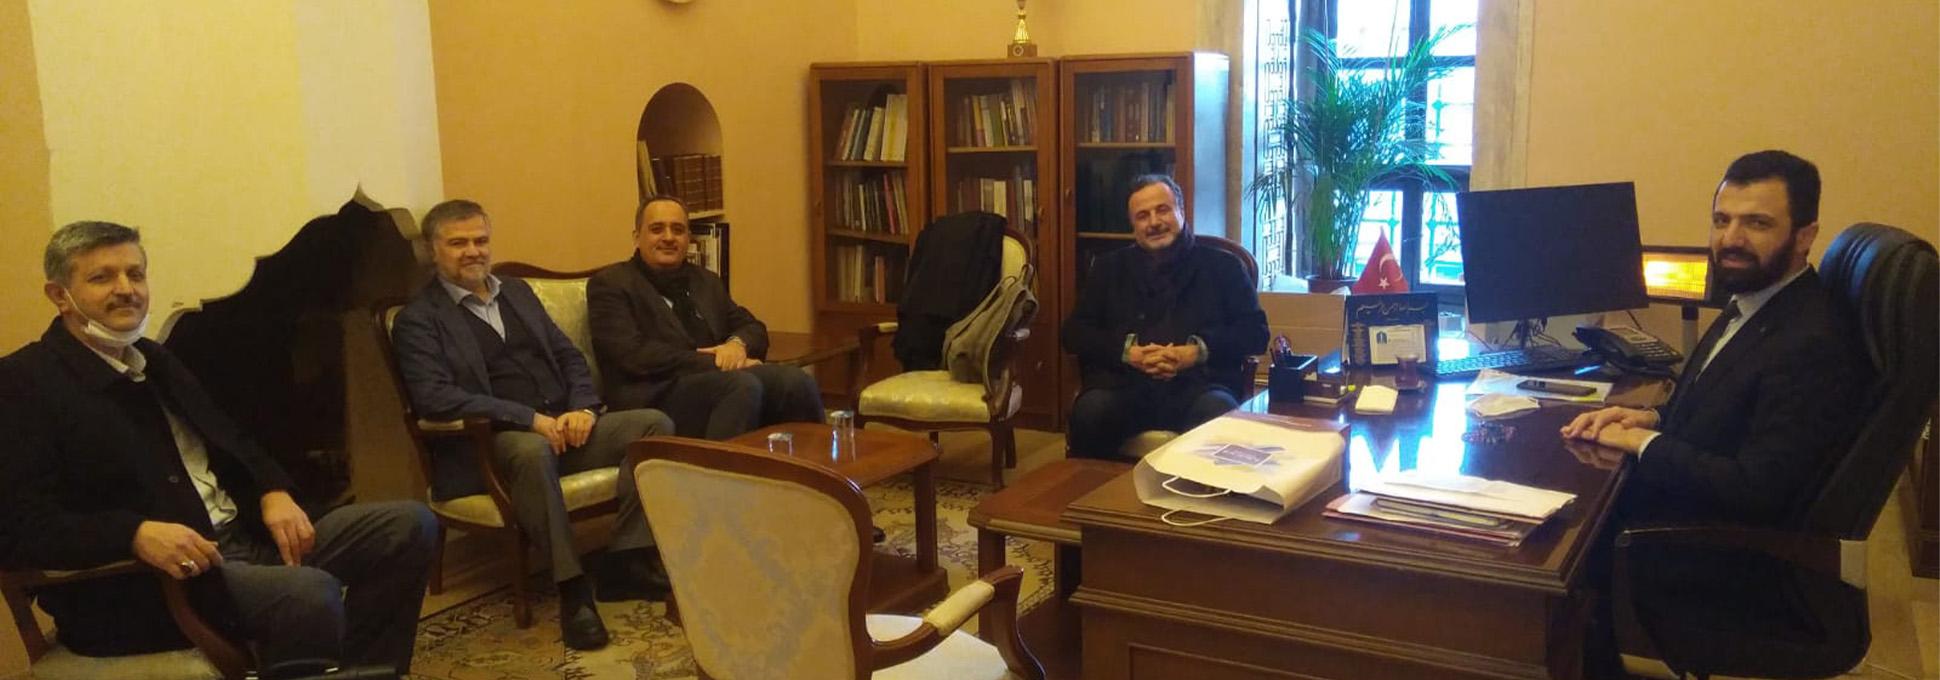 İstanbul Müftü Yardımcısı Selahattin Yılmaz'ı Ziyaret Ettik